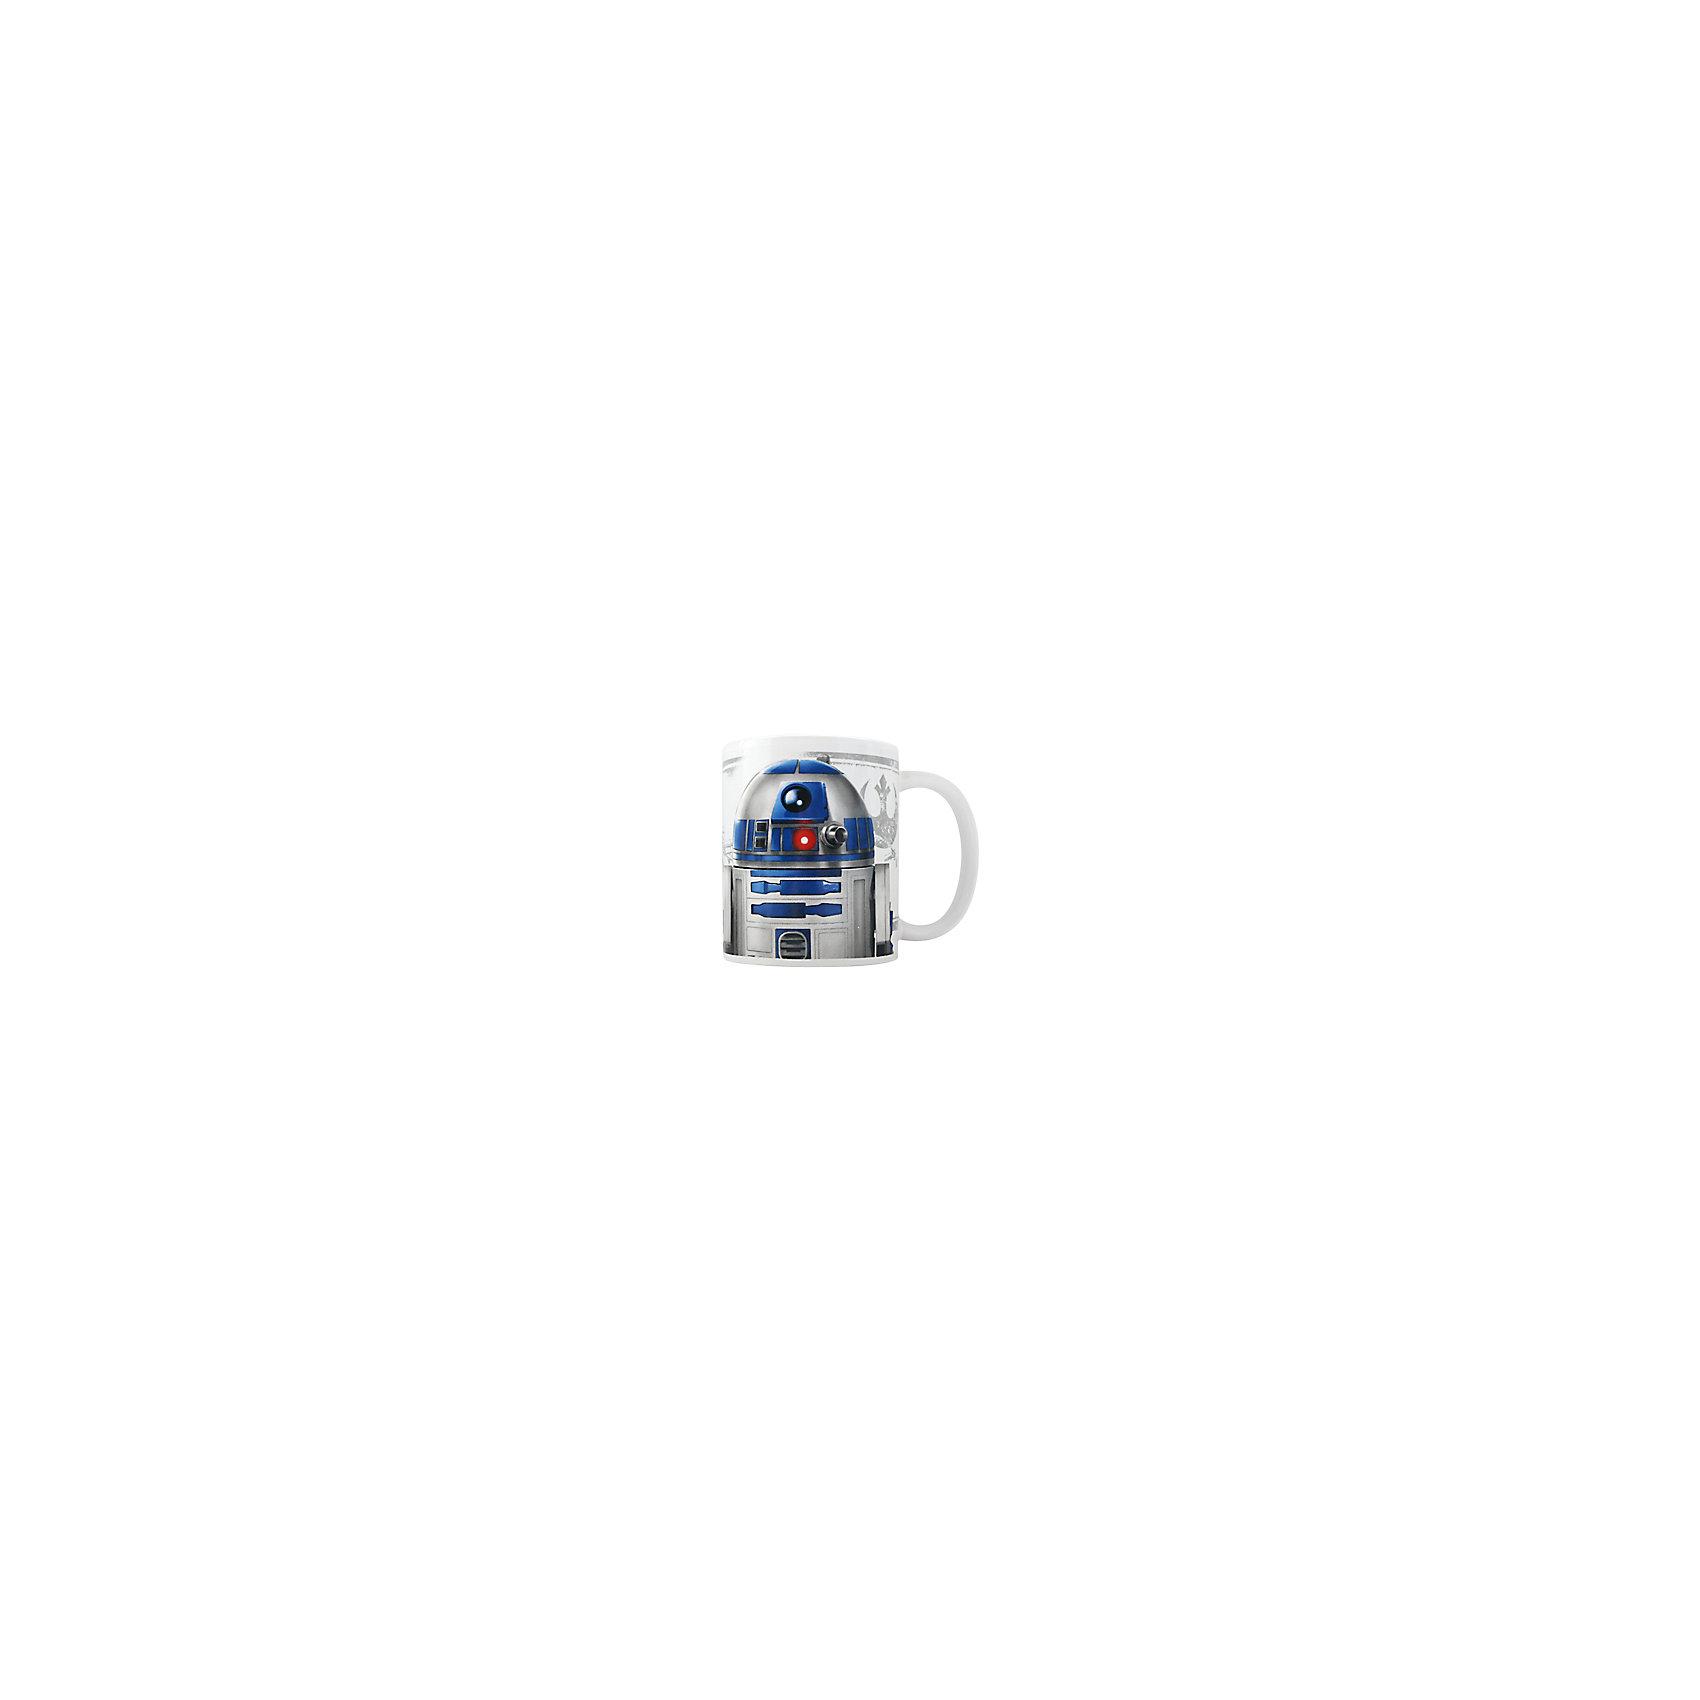 Керамическая кружка R2D2 350 мл, Звёздные ВойныЗвездные войны<br>Керамическая кружка R2D2 350 мл, Звёздные Войны - эта оригинальная кружка станет приятным сюрпризом для Вашего ребенка.<br>Кружка R2D2 Звездные войны станет отличным подарком для любого фаната знаменитой саги. Она выполнена из керамики белого цвета и оформлена рисунком с изображением одного из главных героев Звездных войн дроида R2D2.  Большая ручка обеспечит удобство использования. Подходит для использования в посудомоечной машине и СВЧ-печи.<br><br>Дополнительная информация:<br><br>- Материал: керамика<br>- Объем: 350 мл.<br>- Высота: 10 см.<br>- Диаметр: 8 см.<br><br>Керамическую кружку R2D2 350 мл, Звёздные Войны можно купить в нашем интернет-магазине.<br><br>Ширина мм: 120<br>Глубина мм: 82<br>Высота мм: 98<br>Вес г: 330<br>Возраст от месяцев: 36<br>Возраст до месяцев: 144<br>Пол: Унисекс<br>Возраст: Детский<br>SKU: 4603884